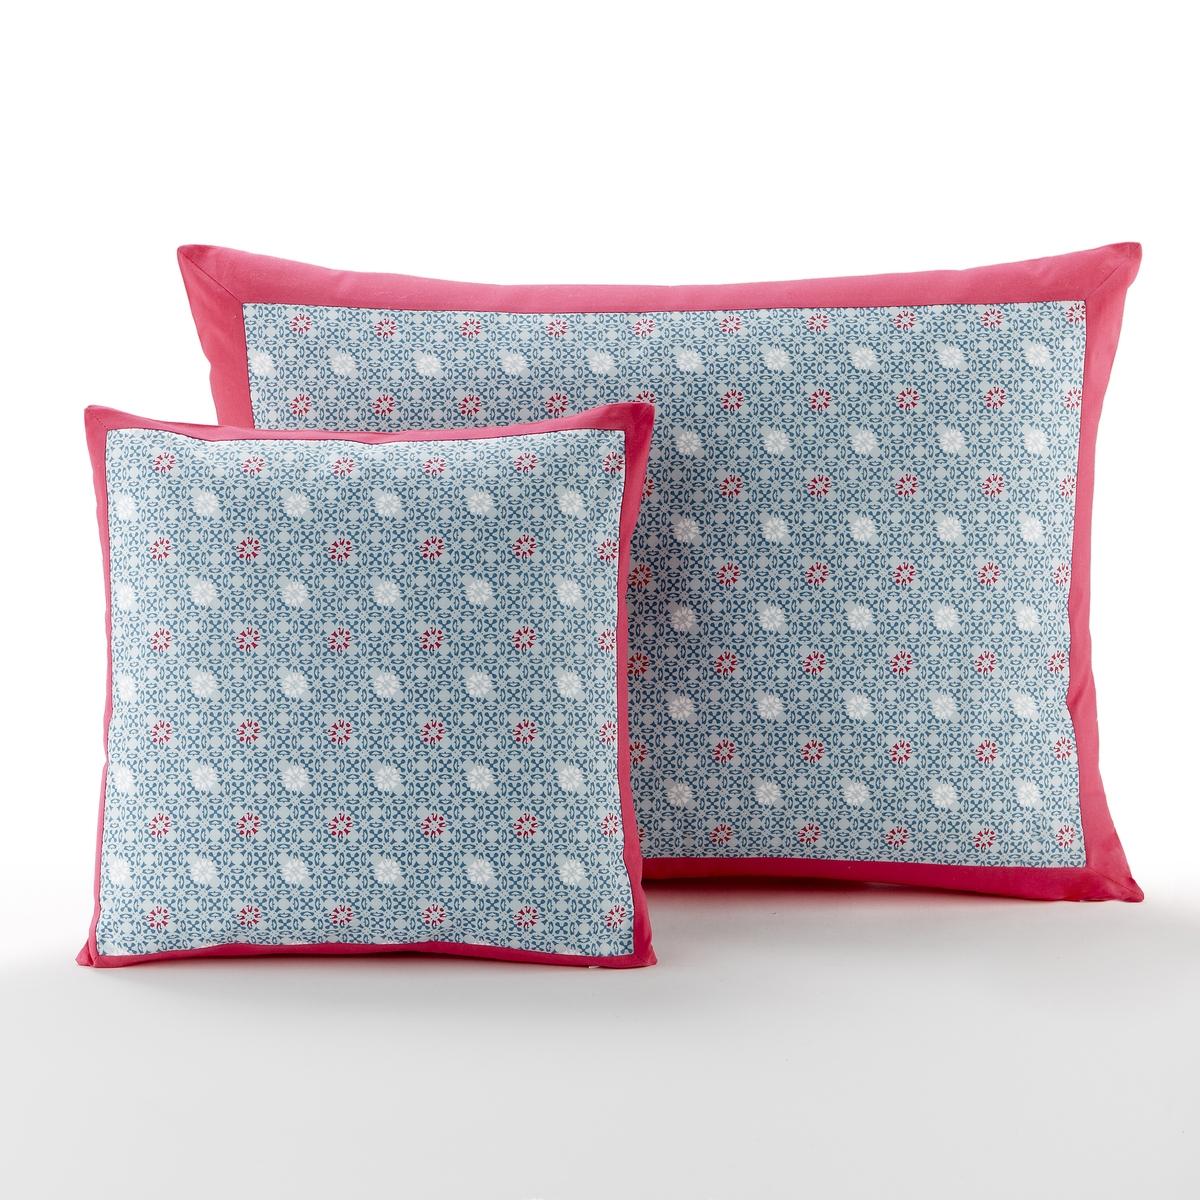 Наволочка на подушку-валик или подушку, Velita